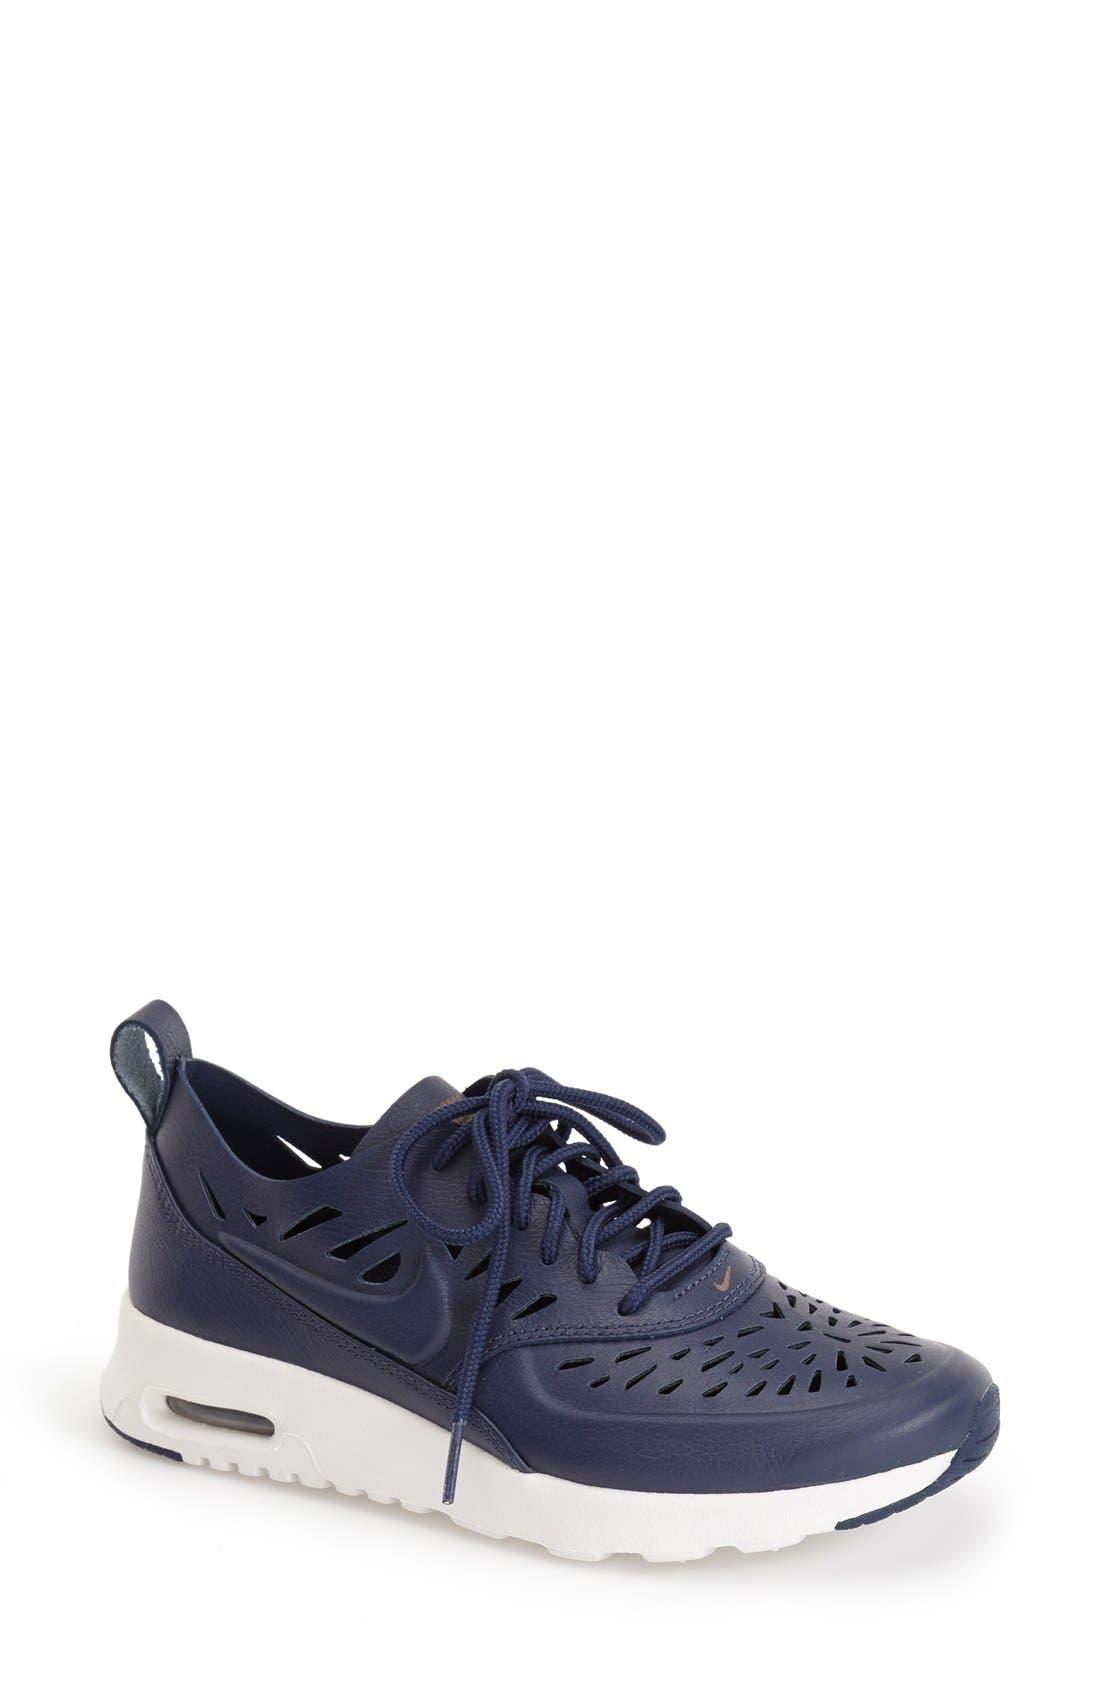 Alternate Image 1 Selected - Nike 'Air Max Thea Joli' Sneaker (Women)